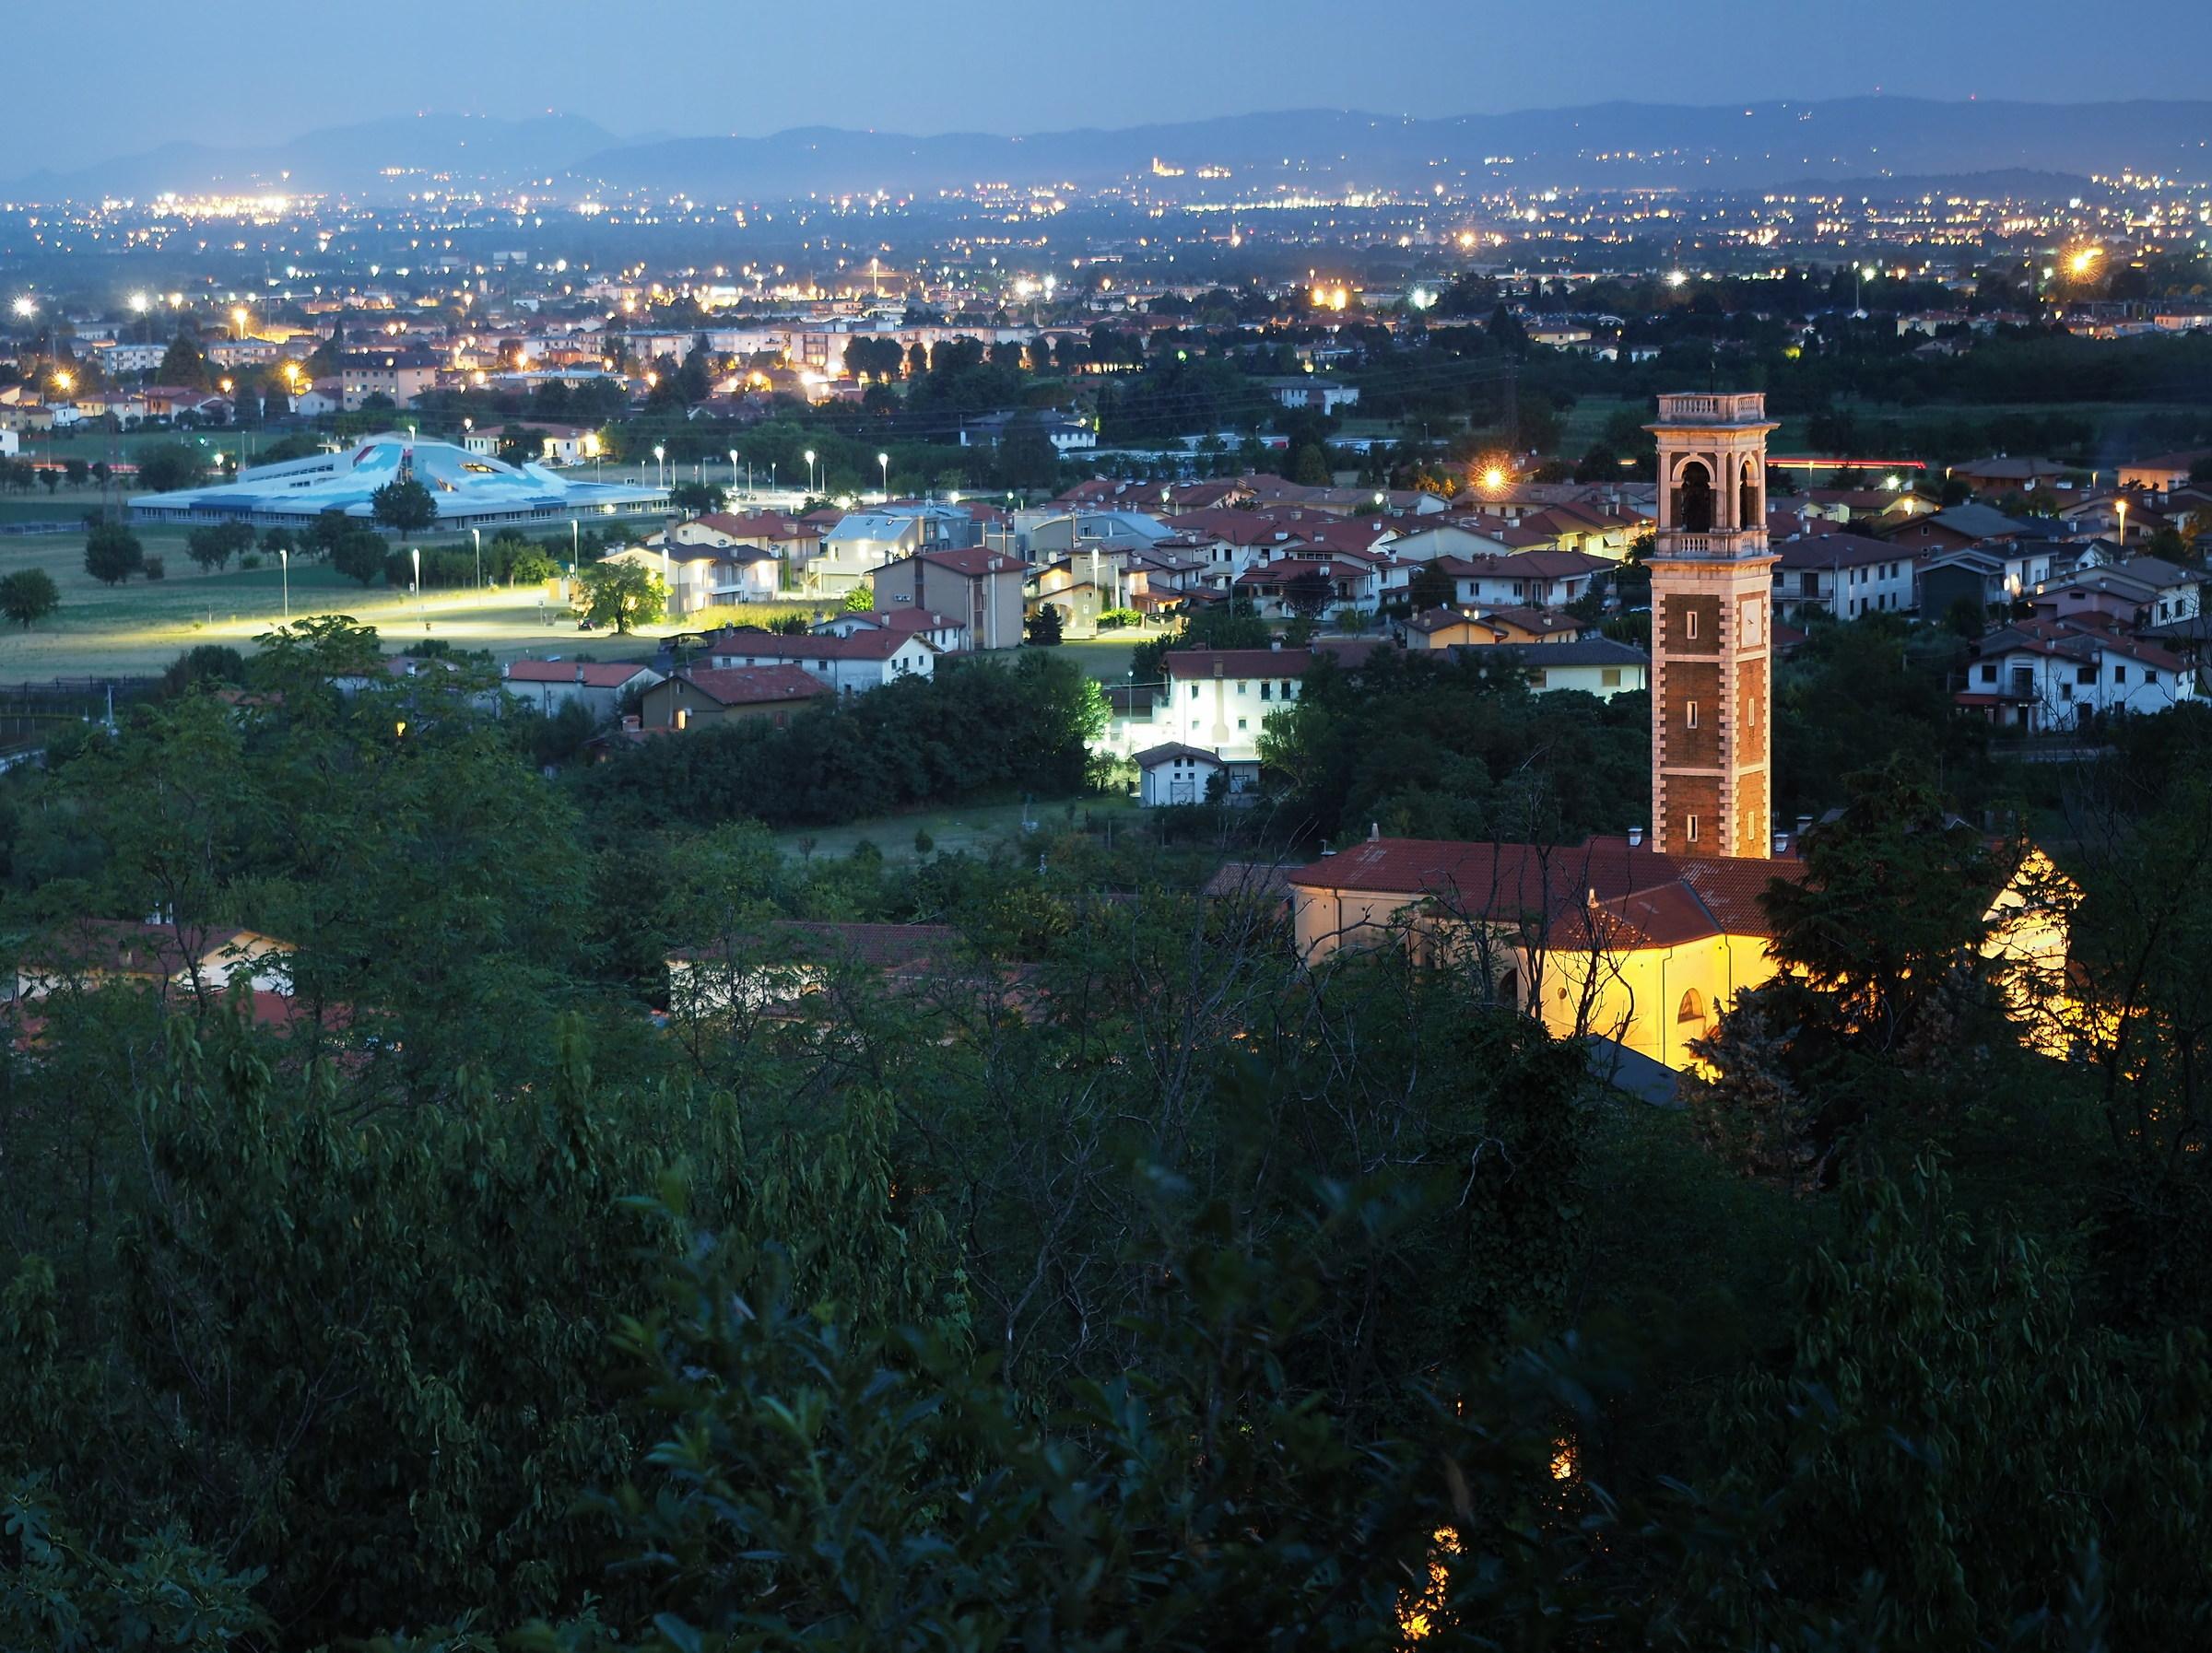 Central, Thiene and Alto Vicentino...